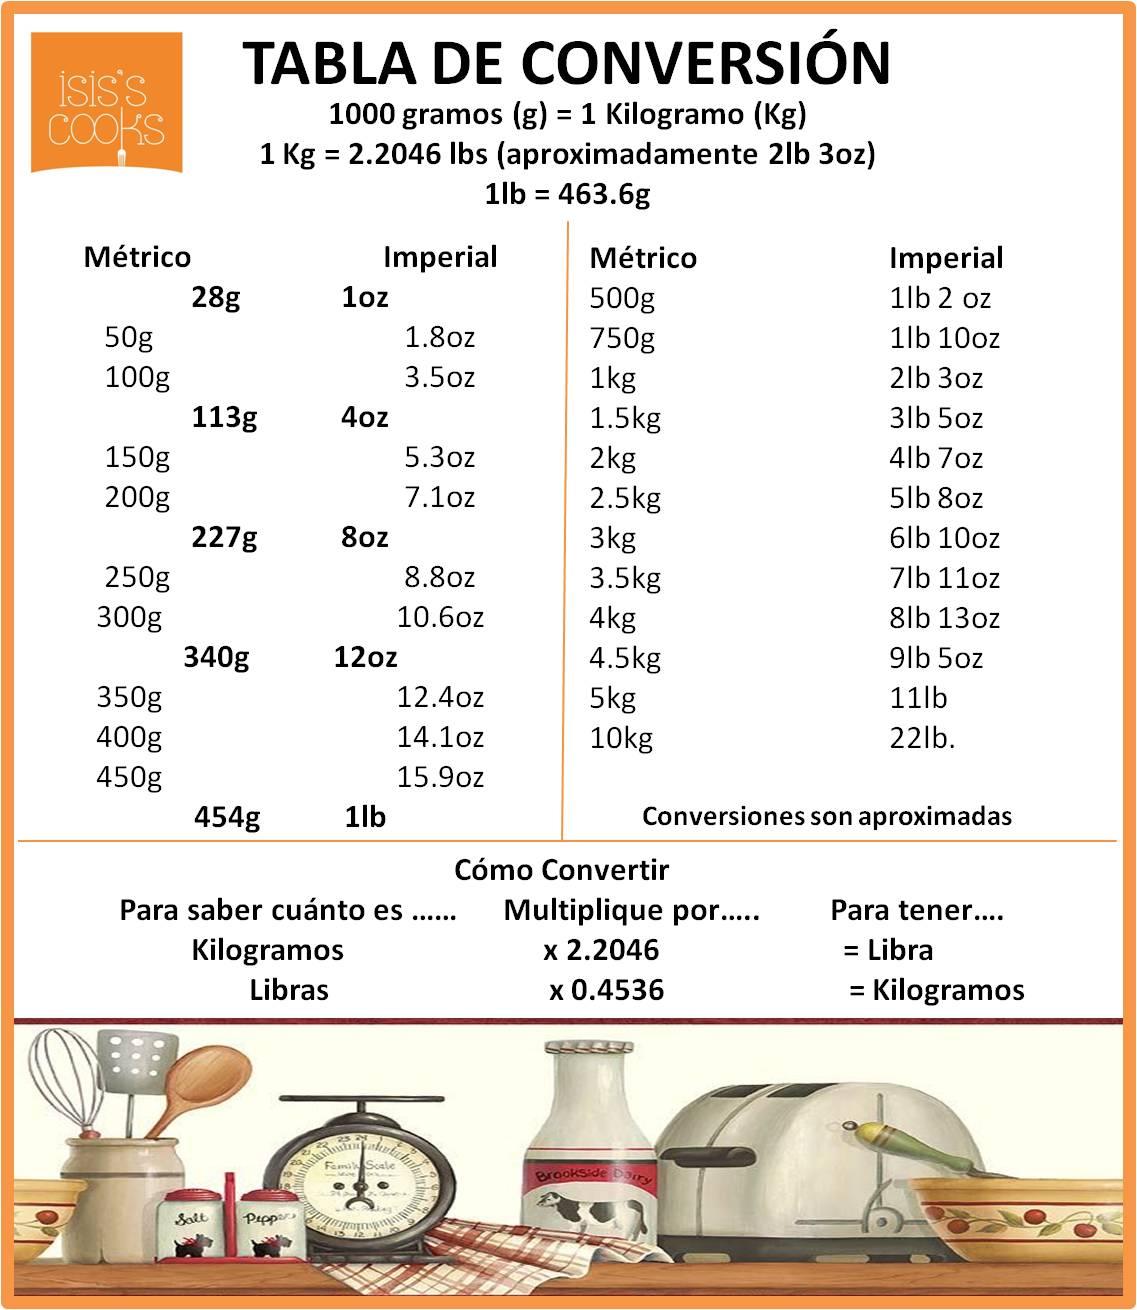 Equivalencias de peso isis 39 s cooks for Peso de cocina